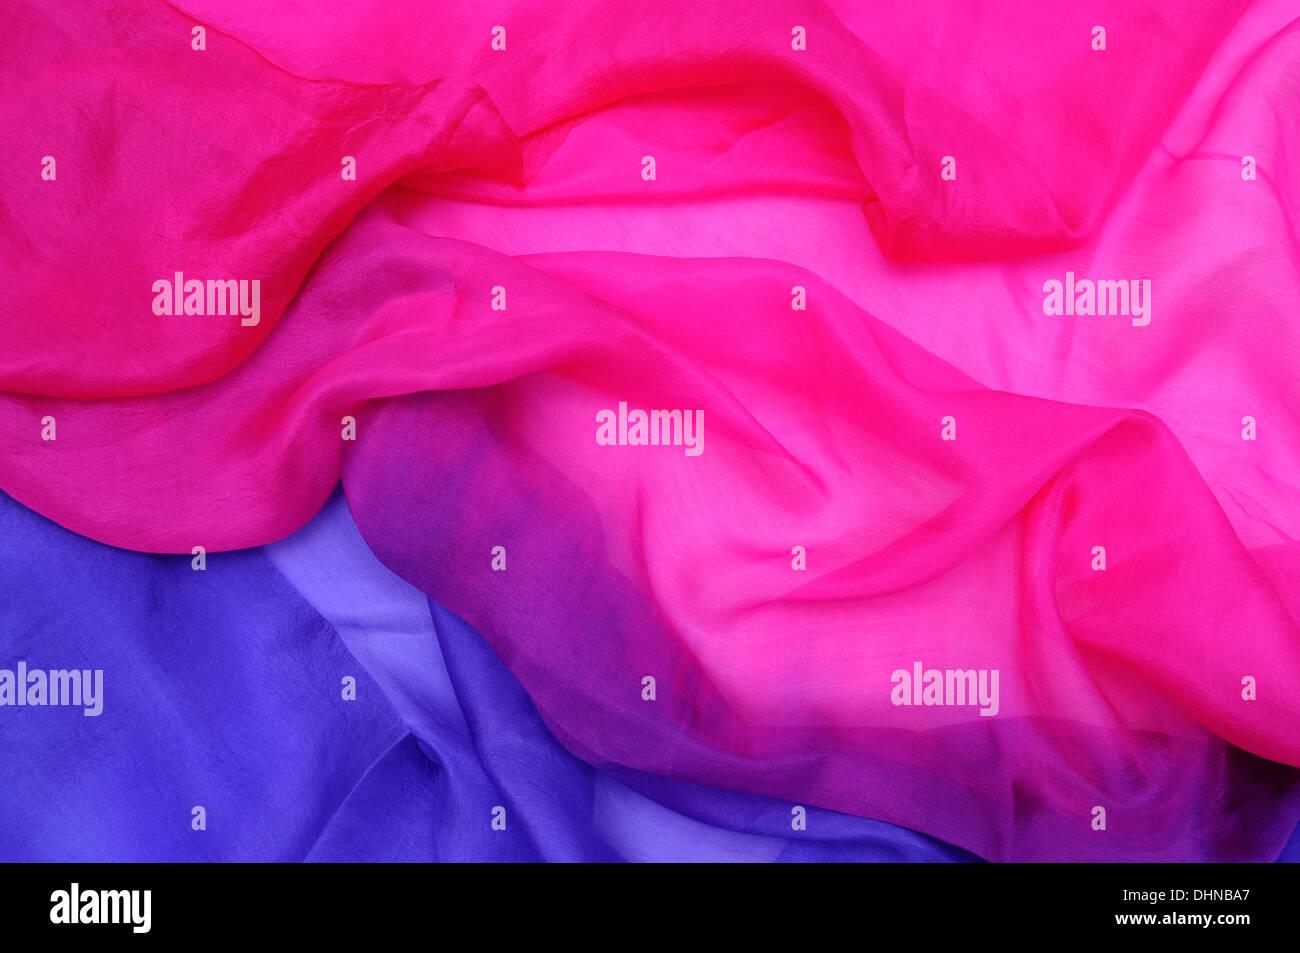 Pink and blue silk chiffon drape background - Stock Image